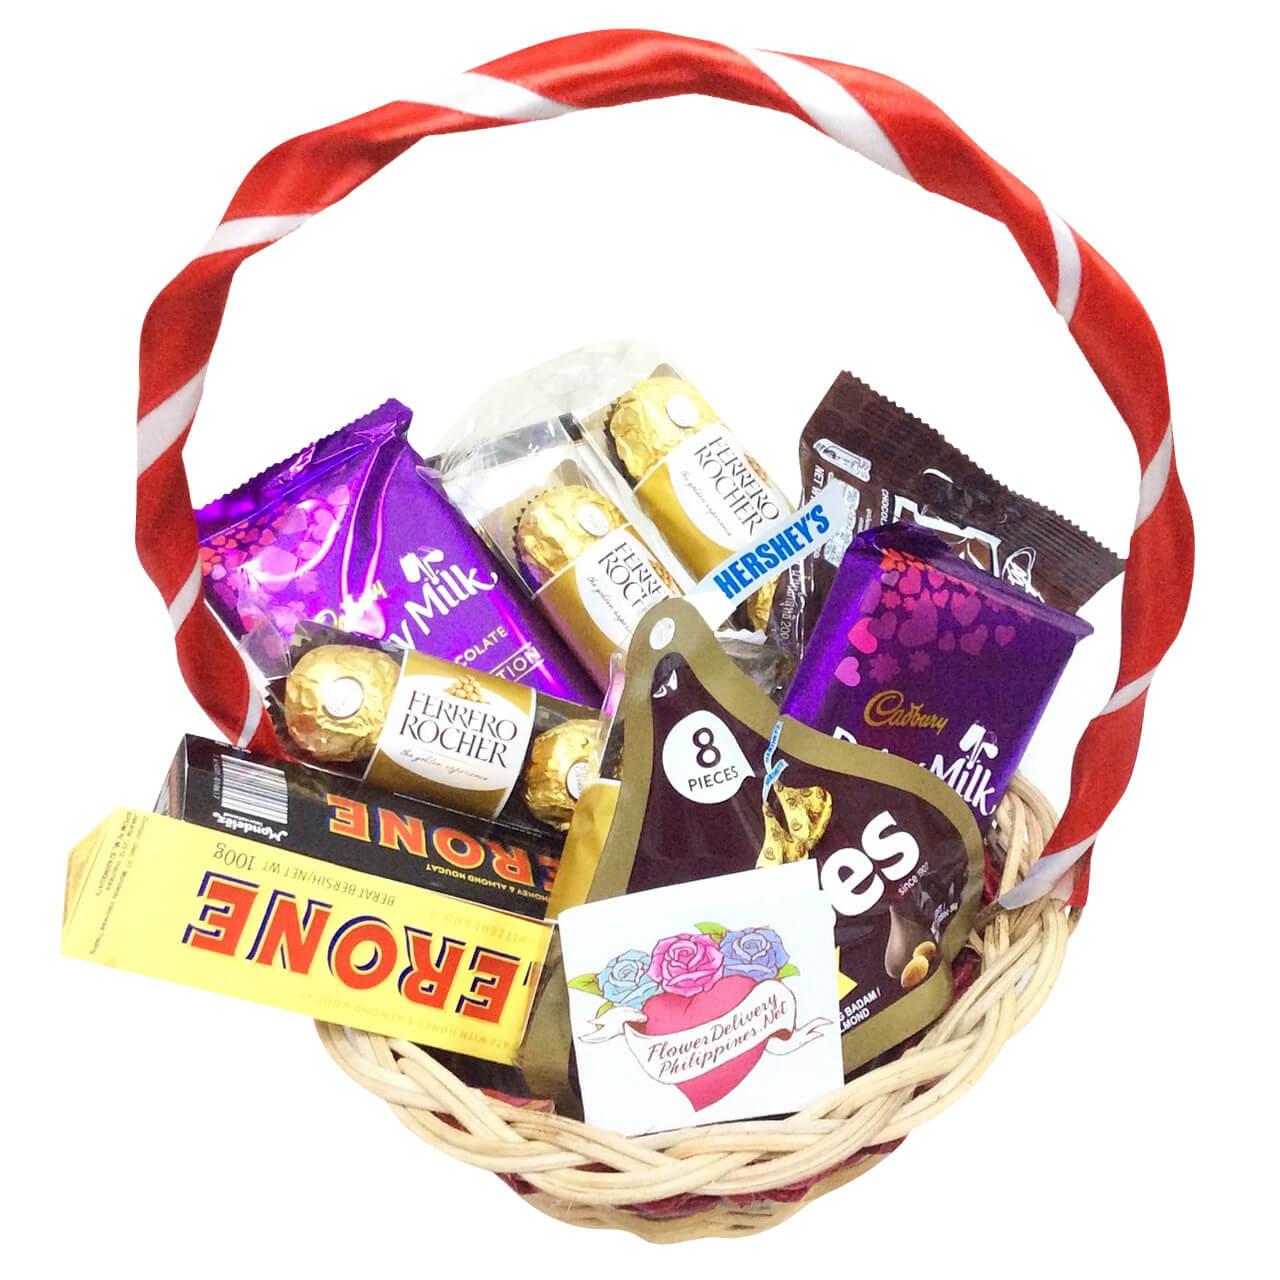 Premium chocolates basket